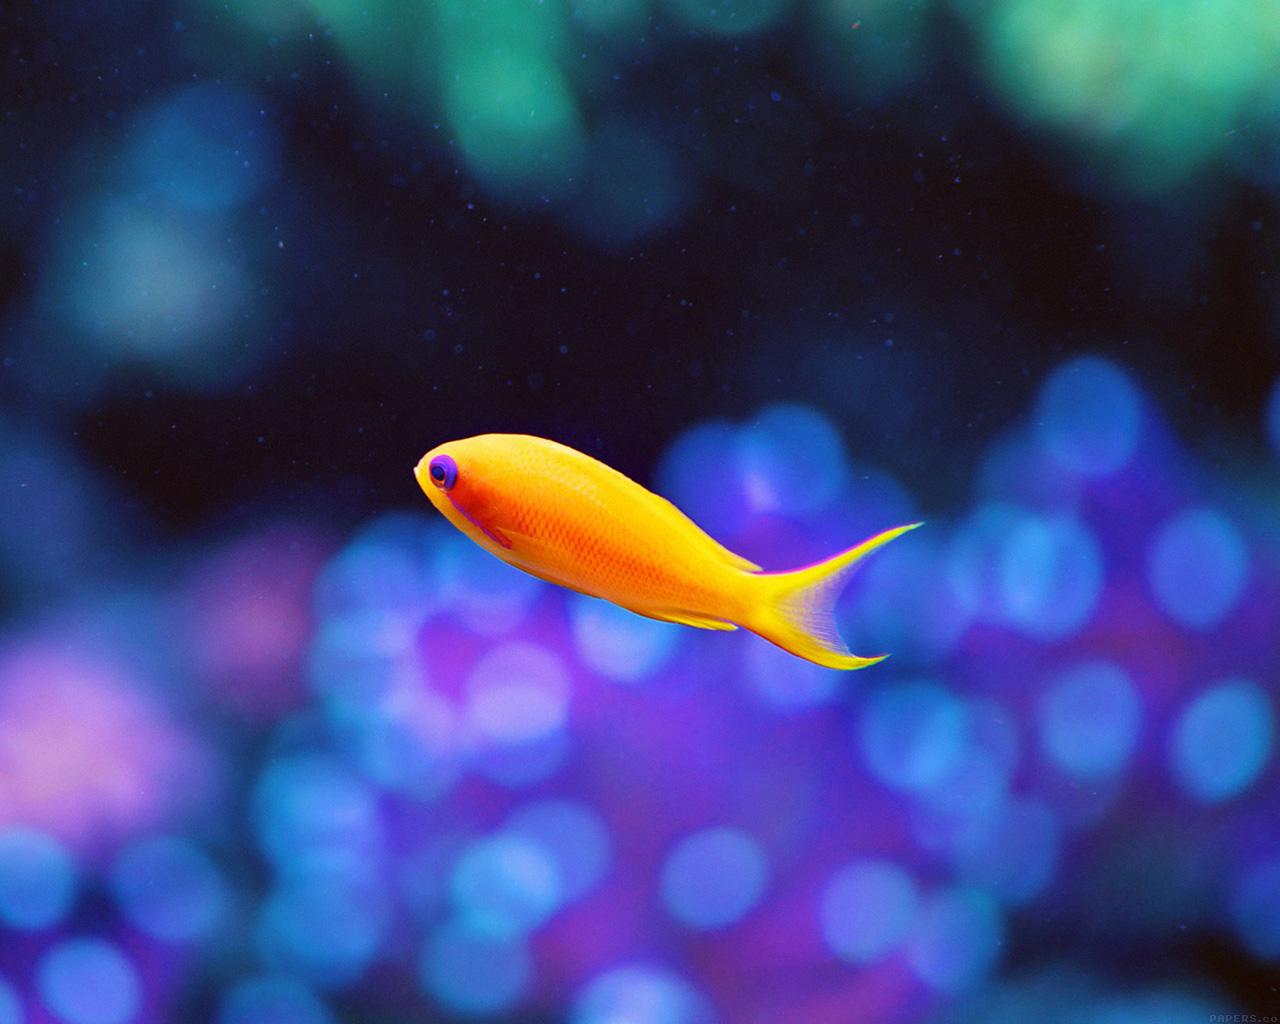 Wallpaper Fish Iphone Mj49 Cute Fish Nemo Ocean Sea Animal Nature Wallpaper